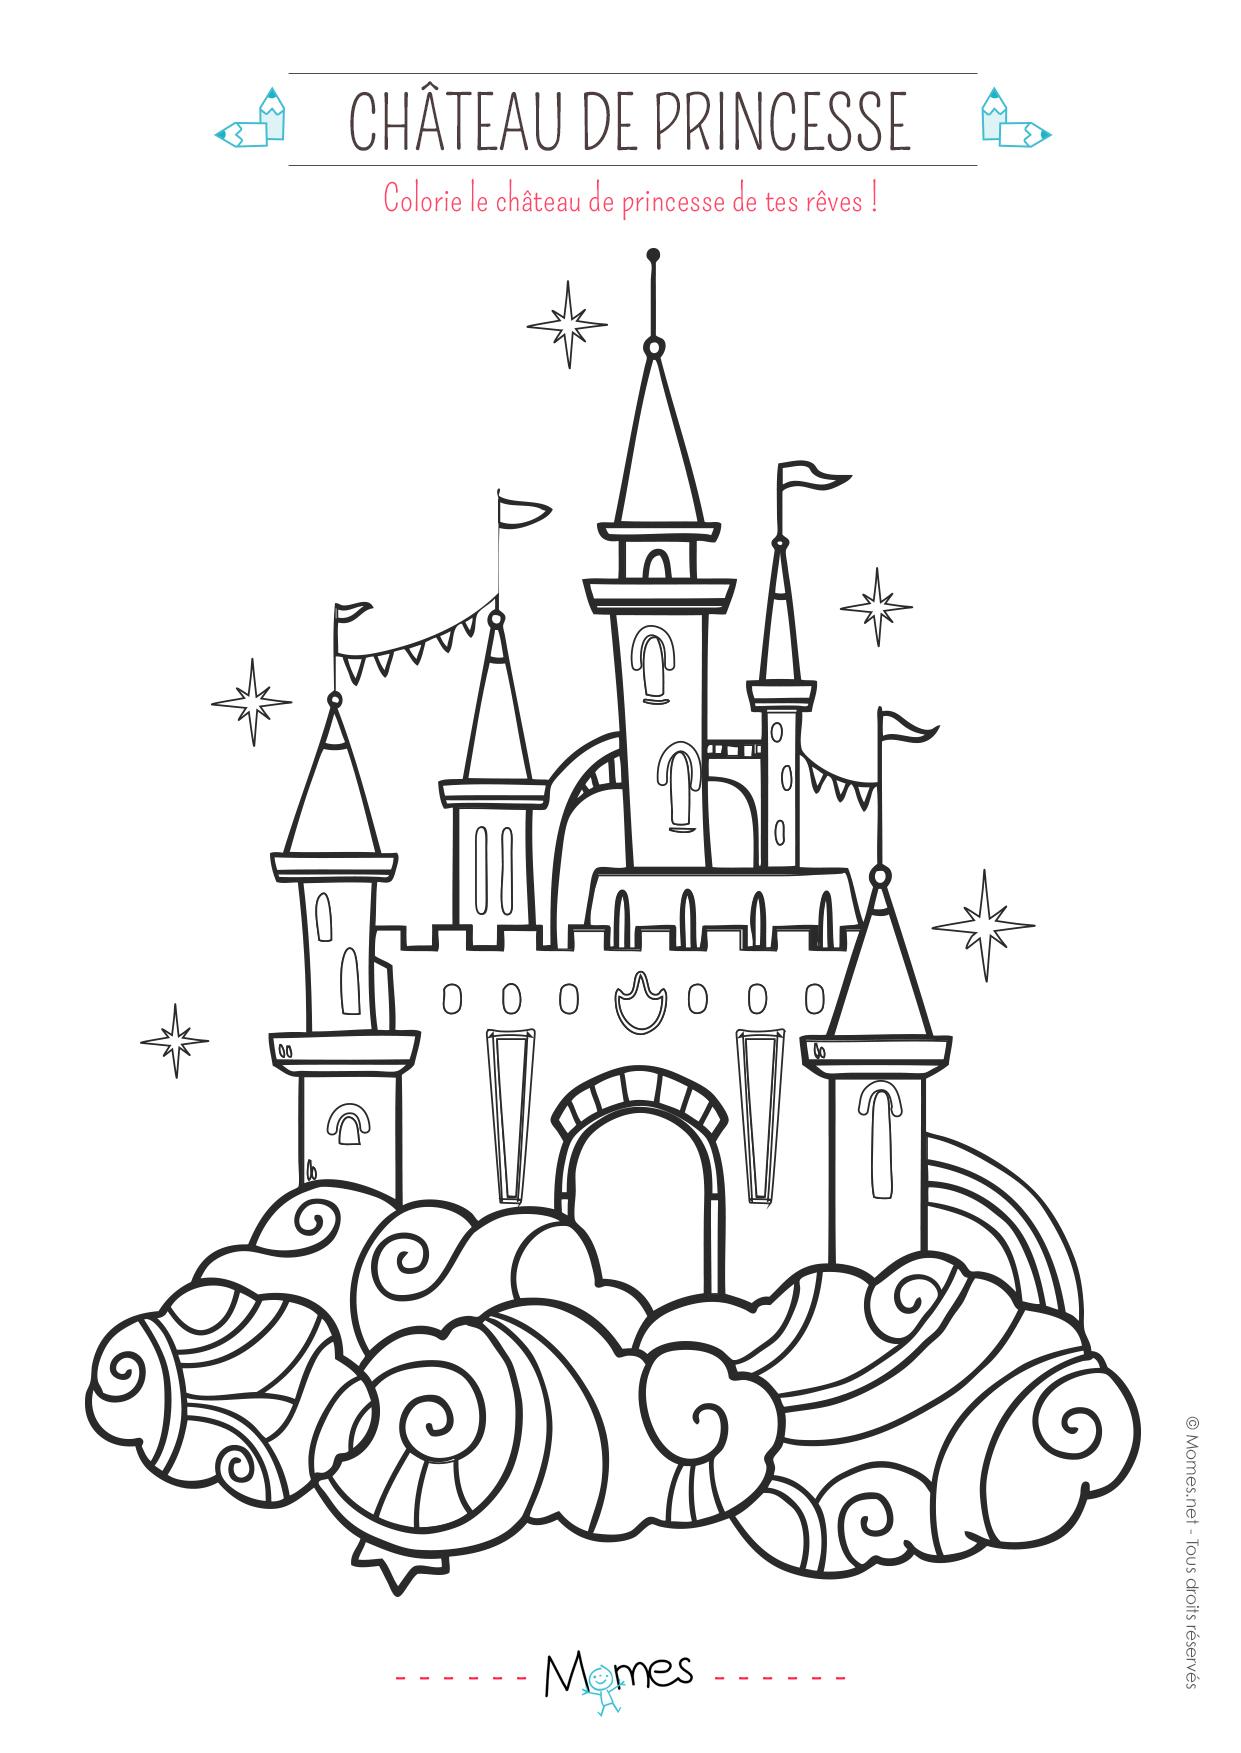 Coloriage Chateau Princesse A Imprimer.Coloriage Le Chateau De Princesse Momes Net